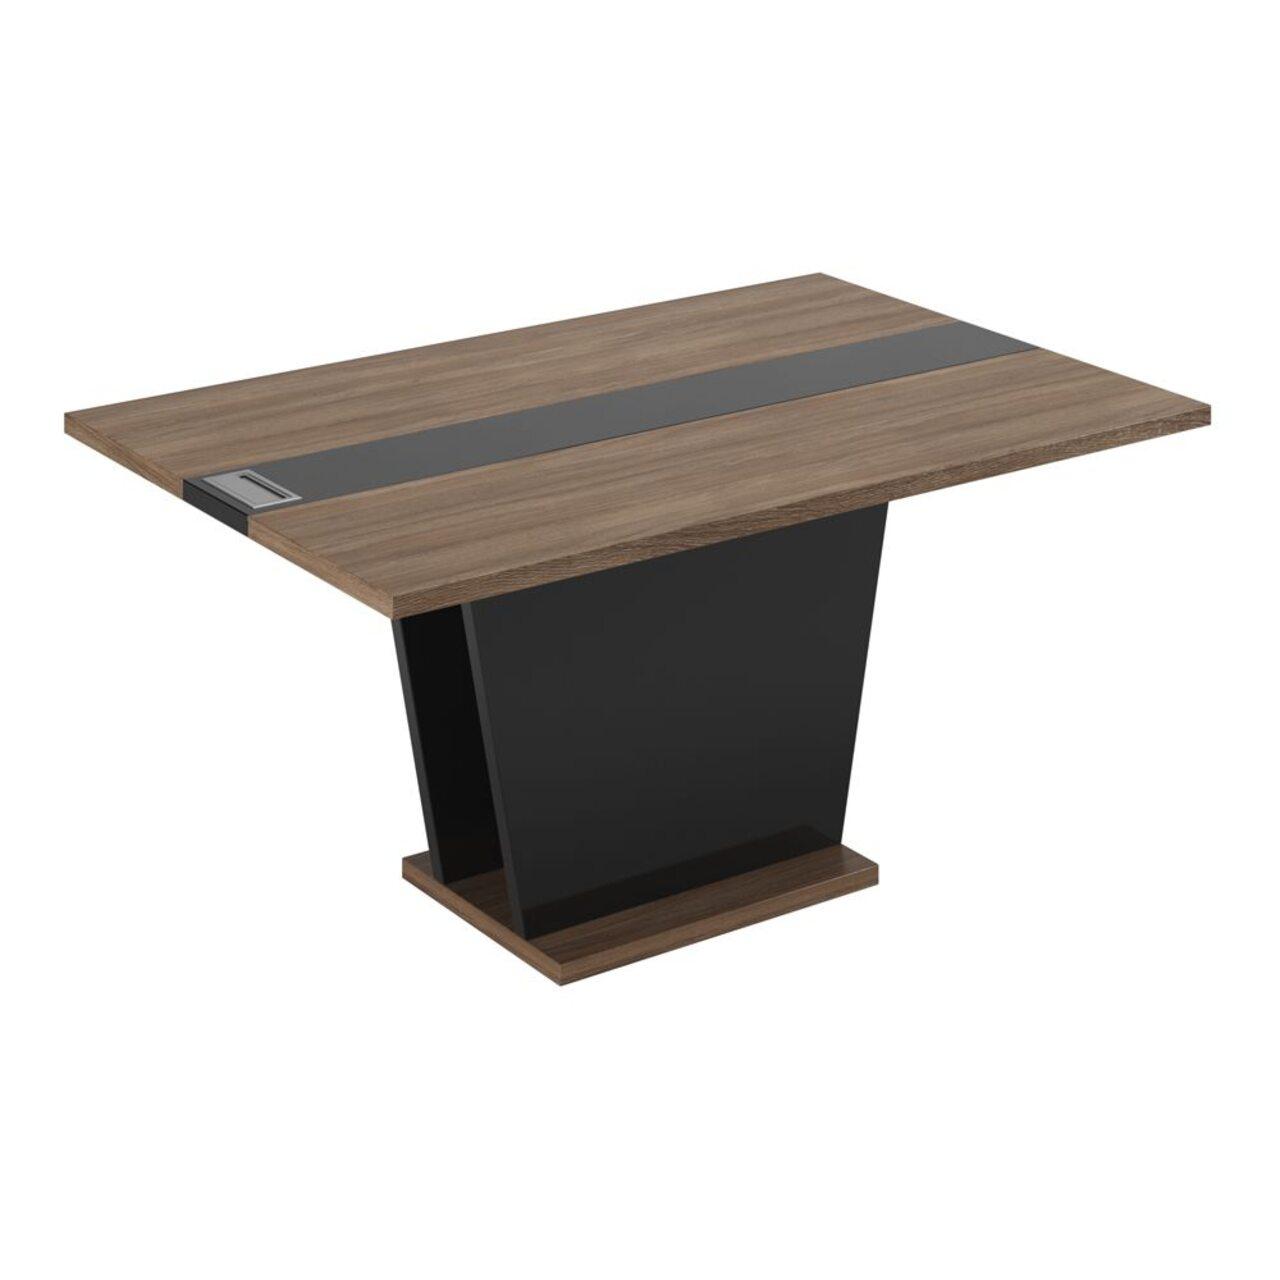 Брифинг-приставка / Элемент стола переговоров ASTI 140x100x75 - фото 3